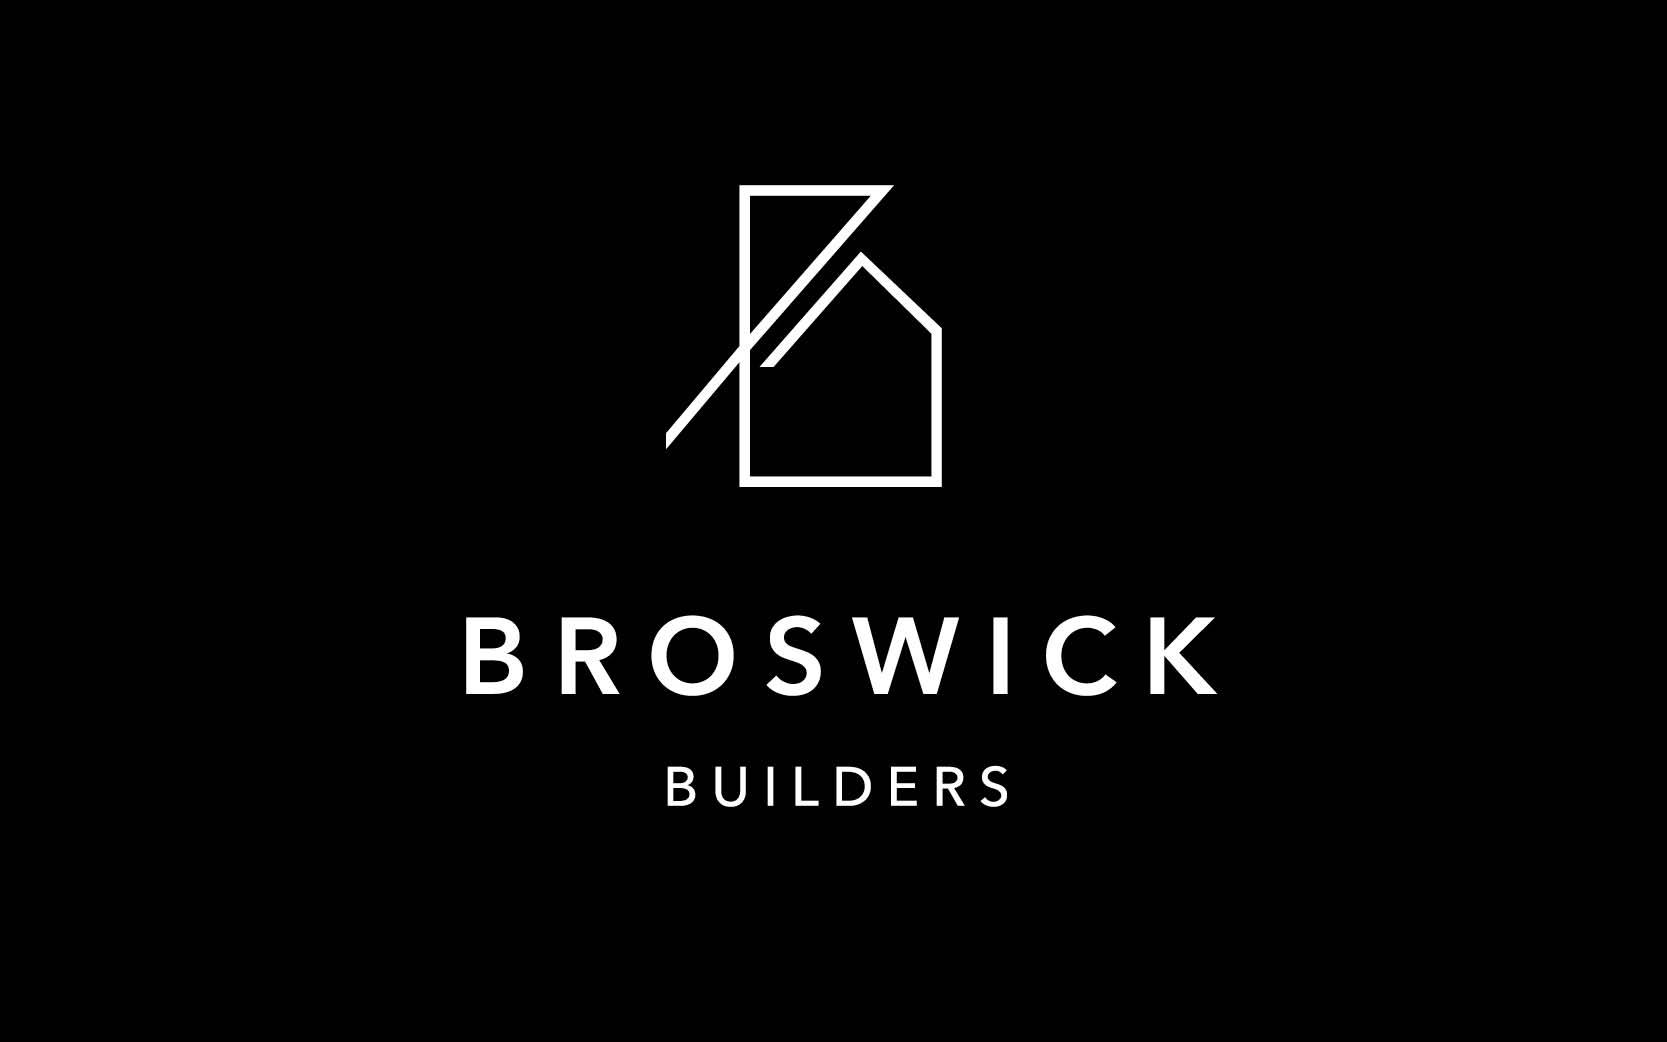 Broswick - Branding